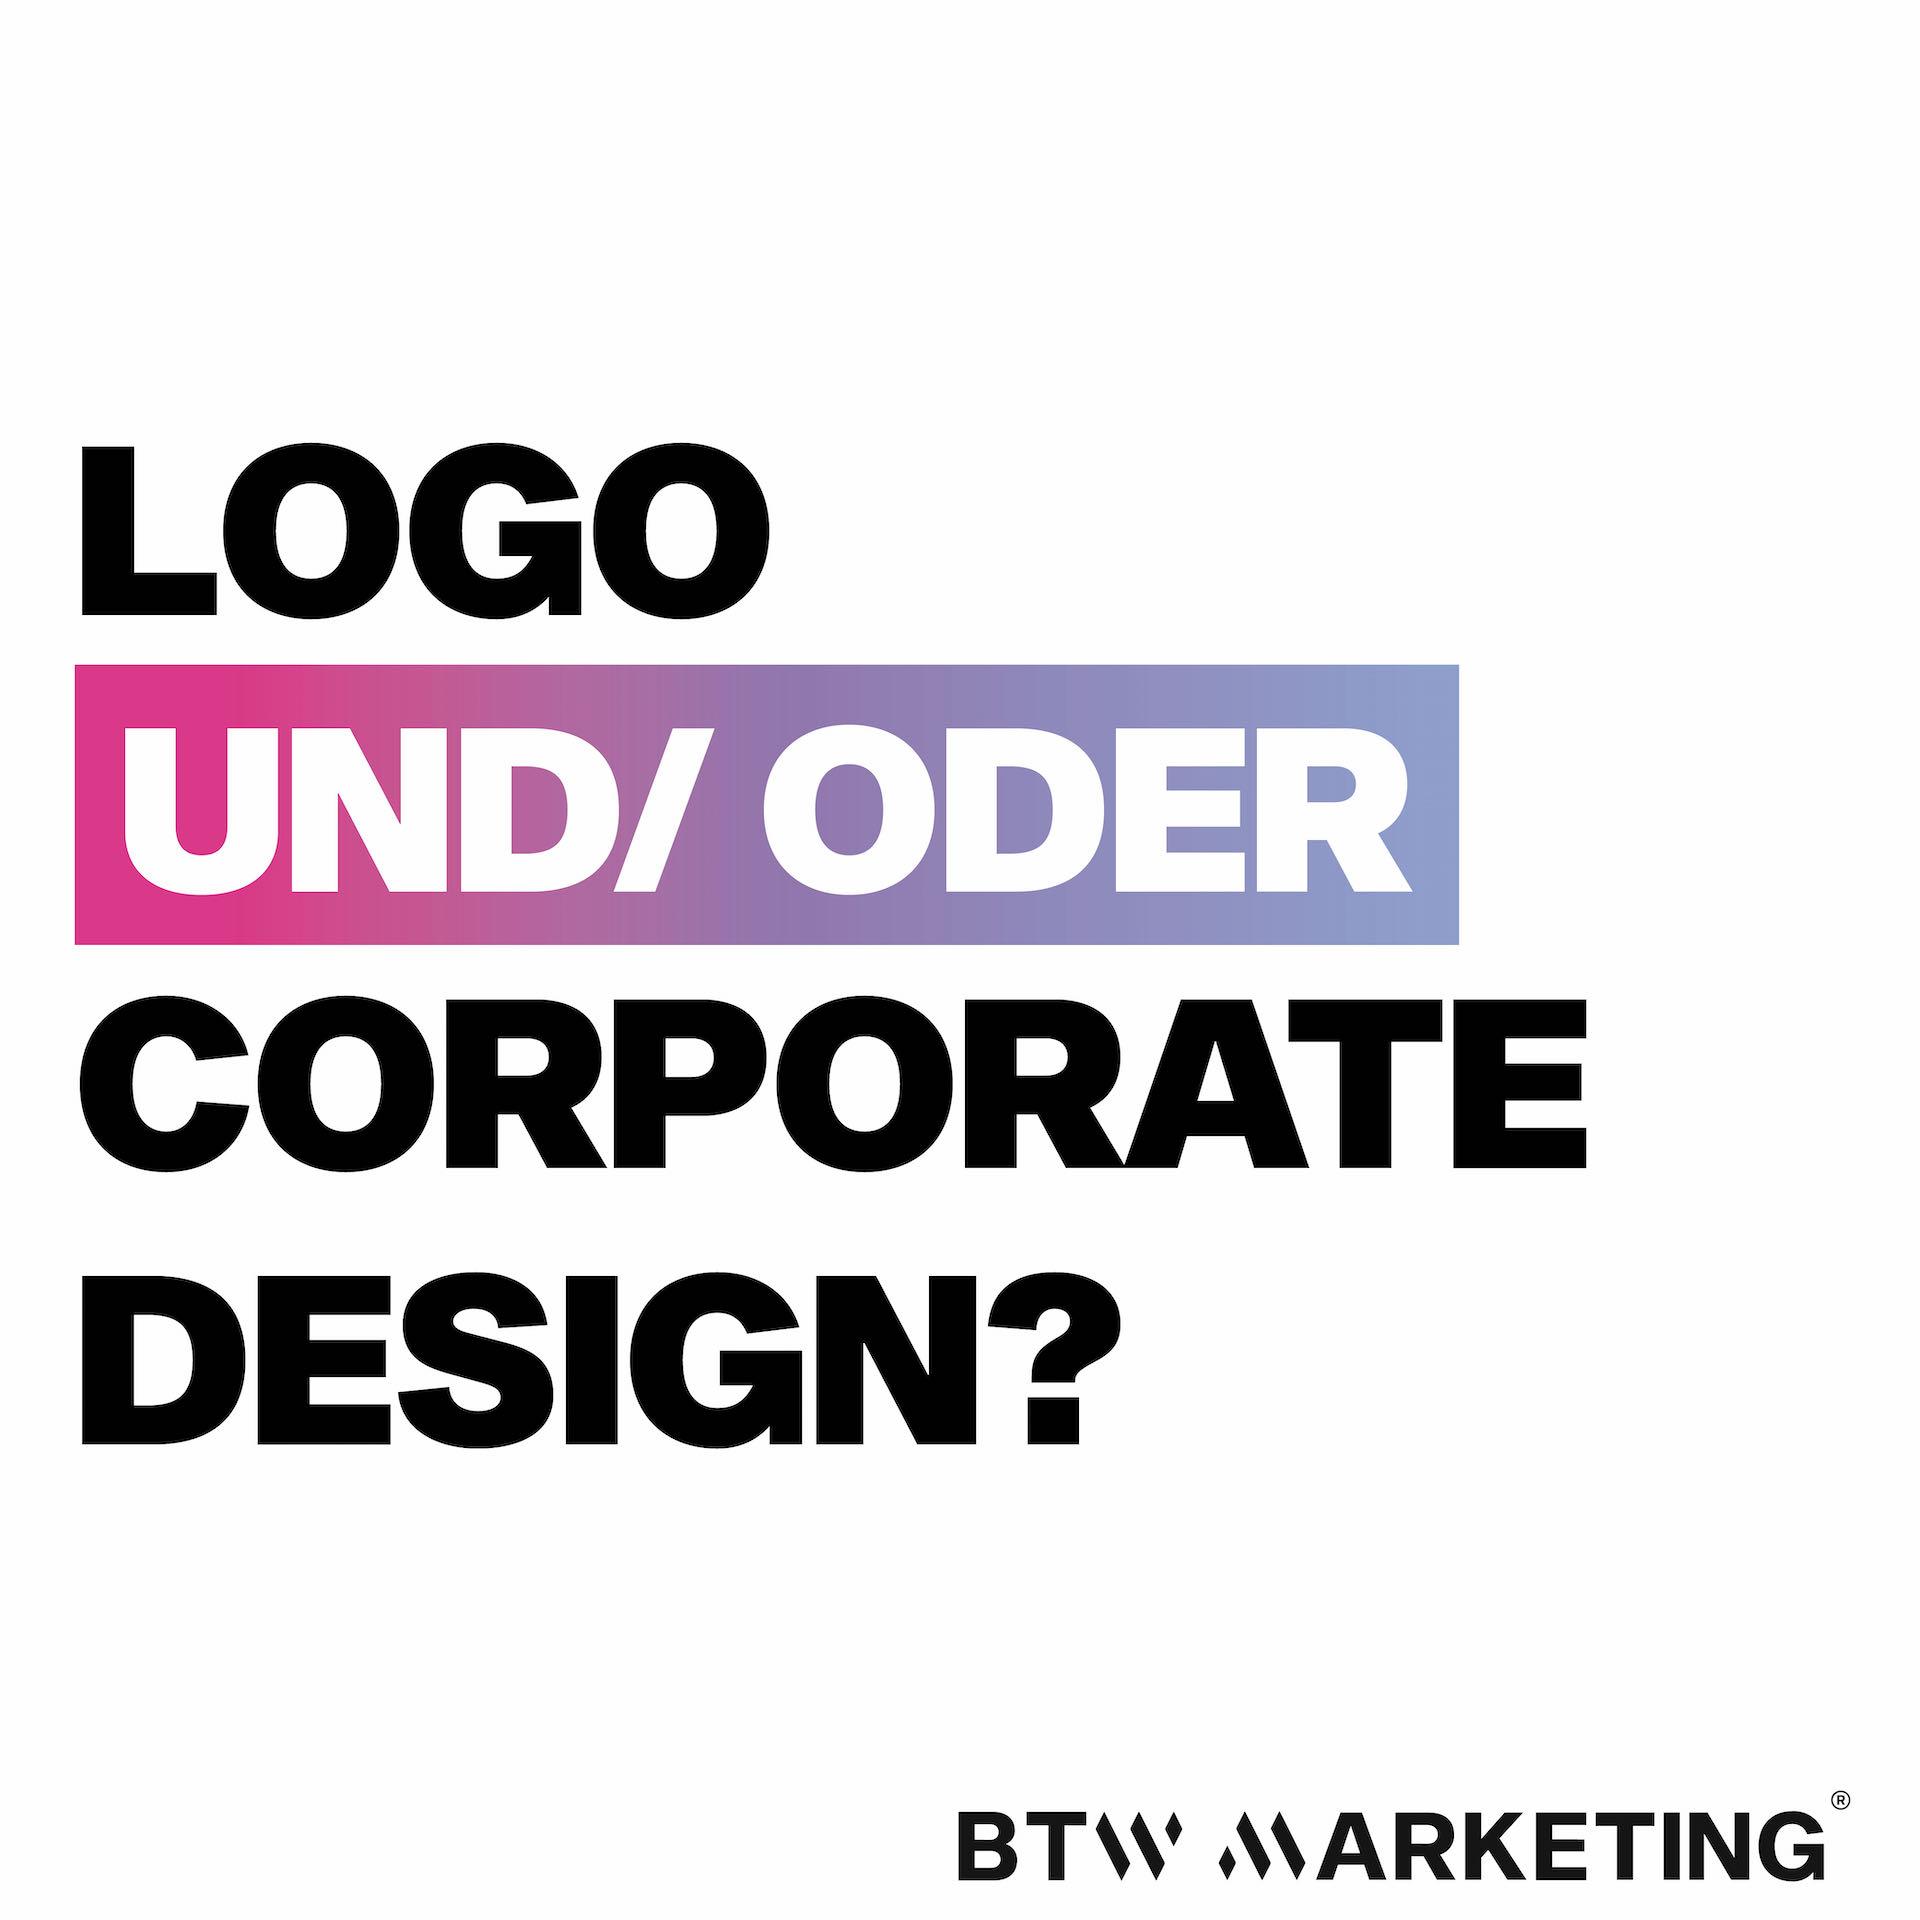 Logo und/oder Corporate Design?